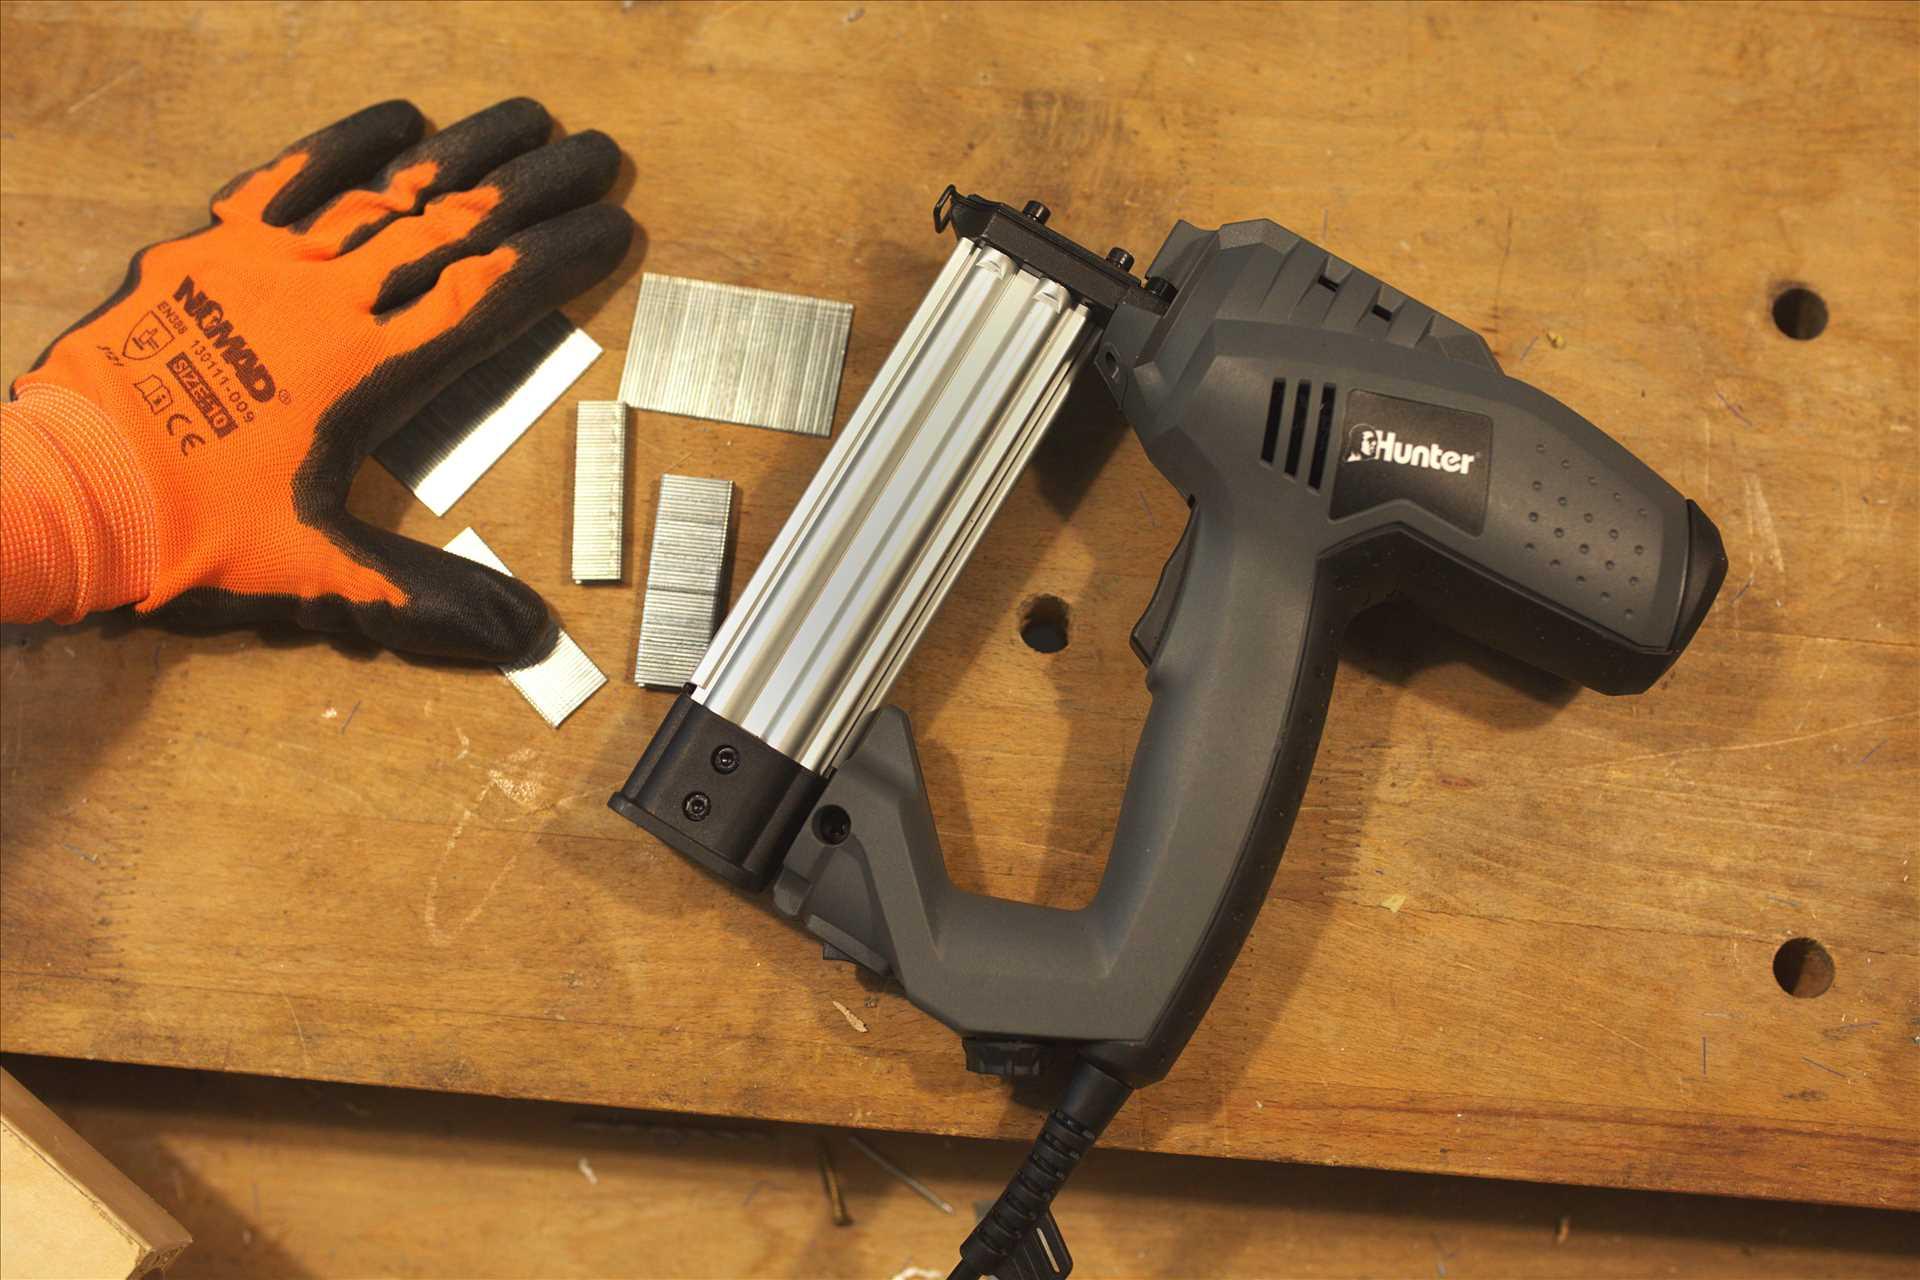 אקדח סיכות ו מסמרים חשמלי Hunter 102101-001 האנטר - תמונה 4